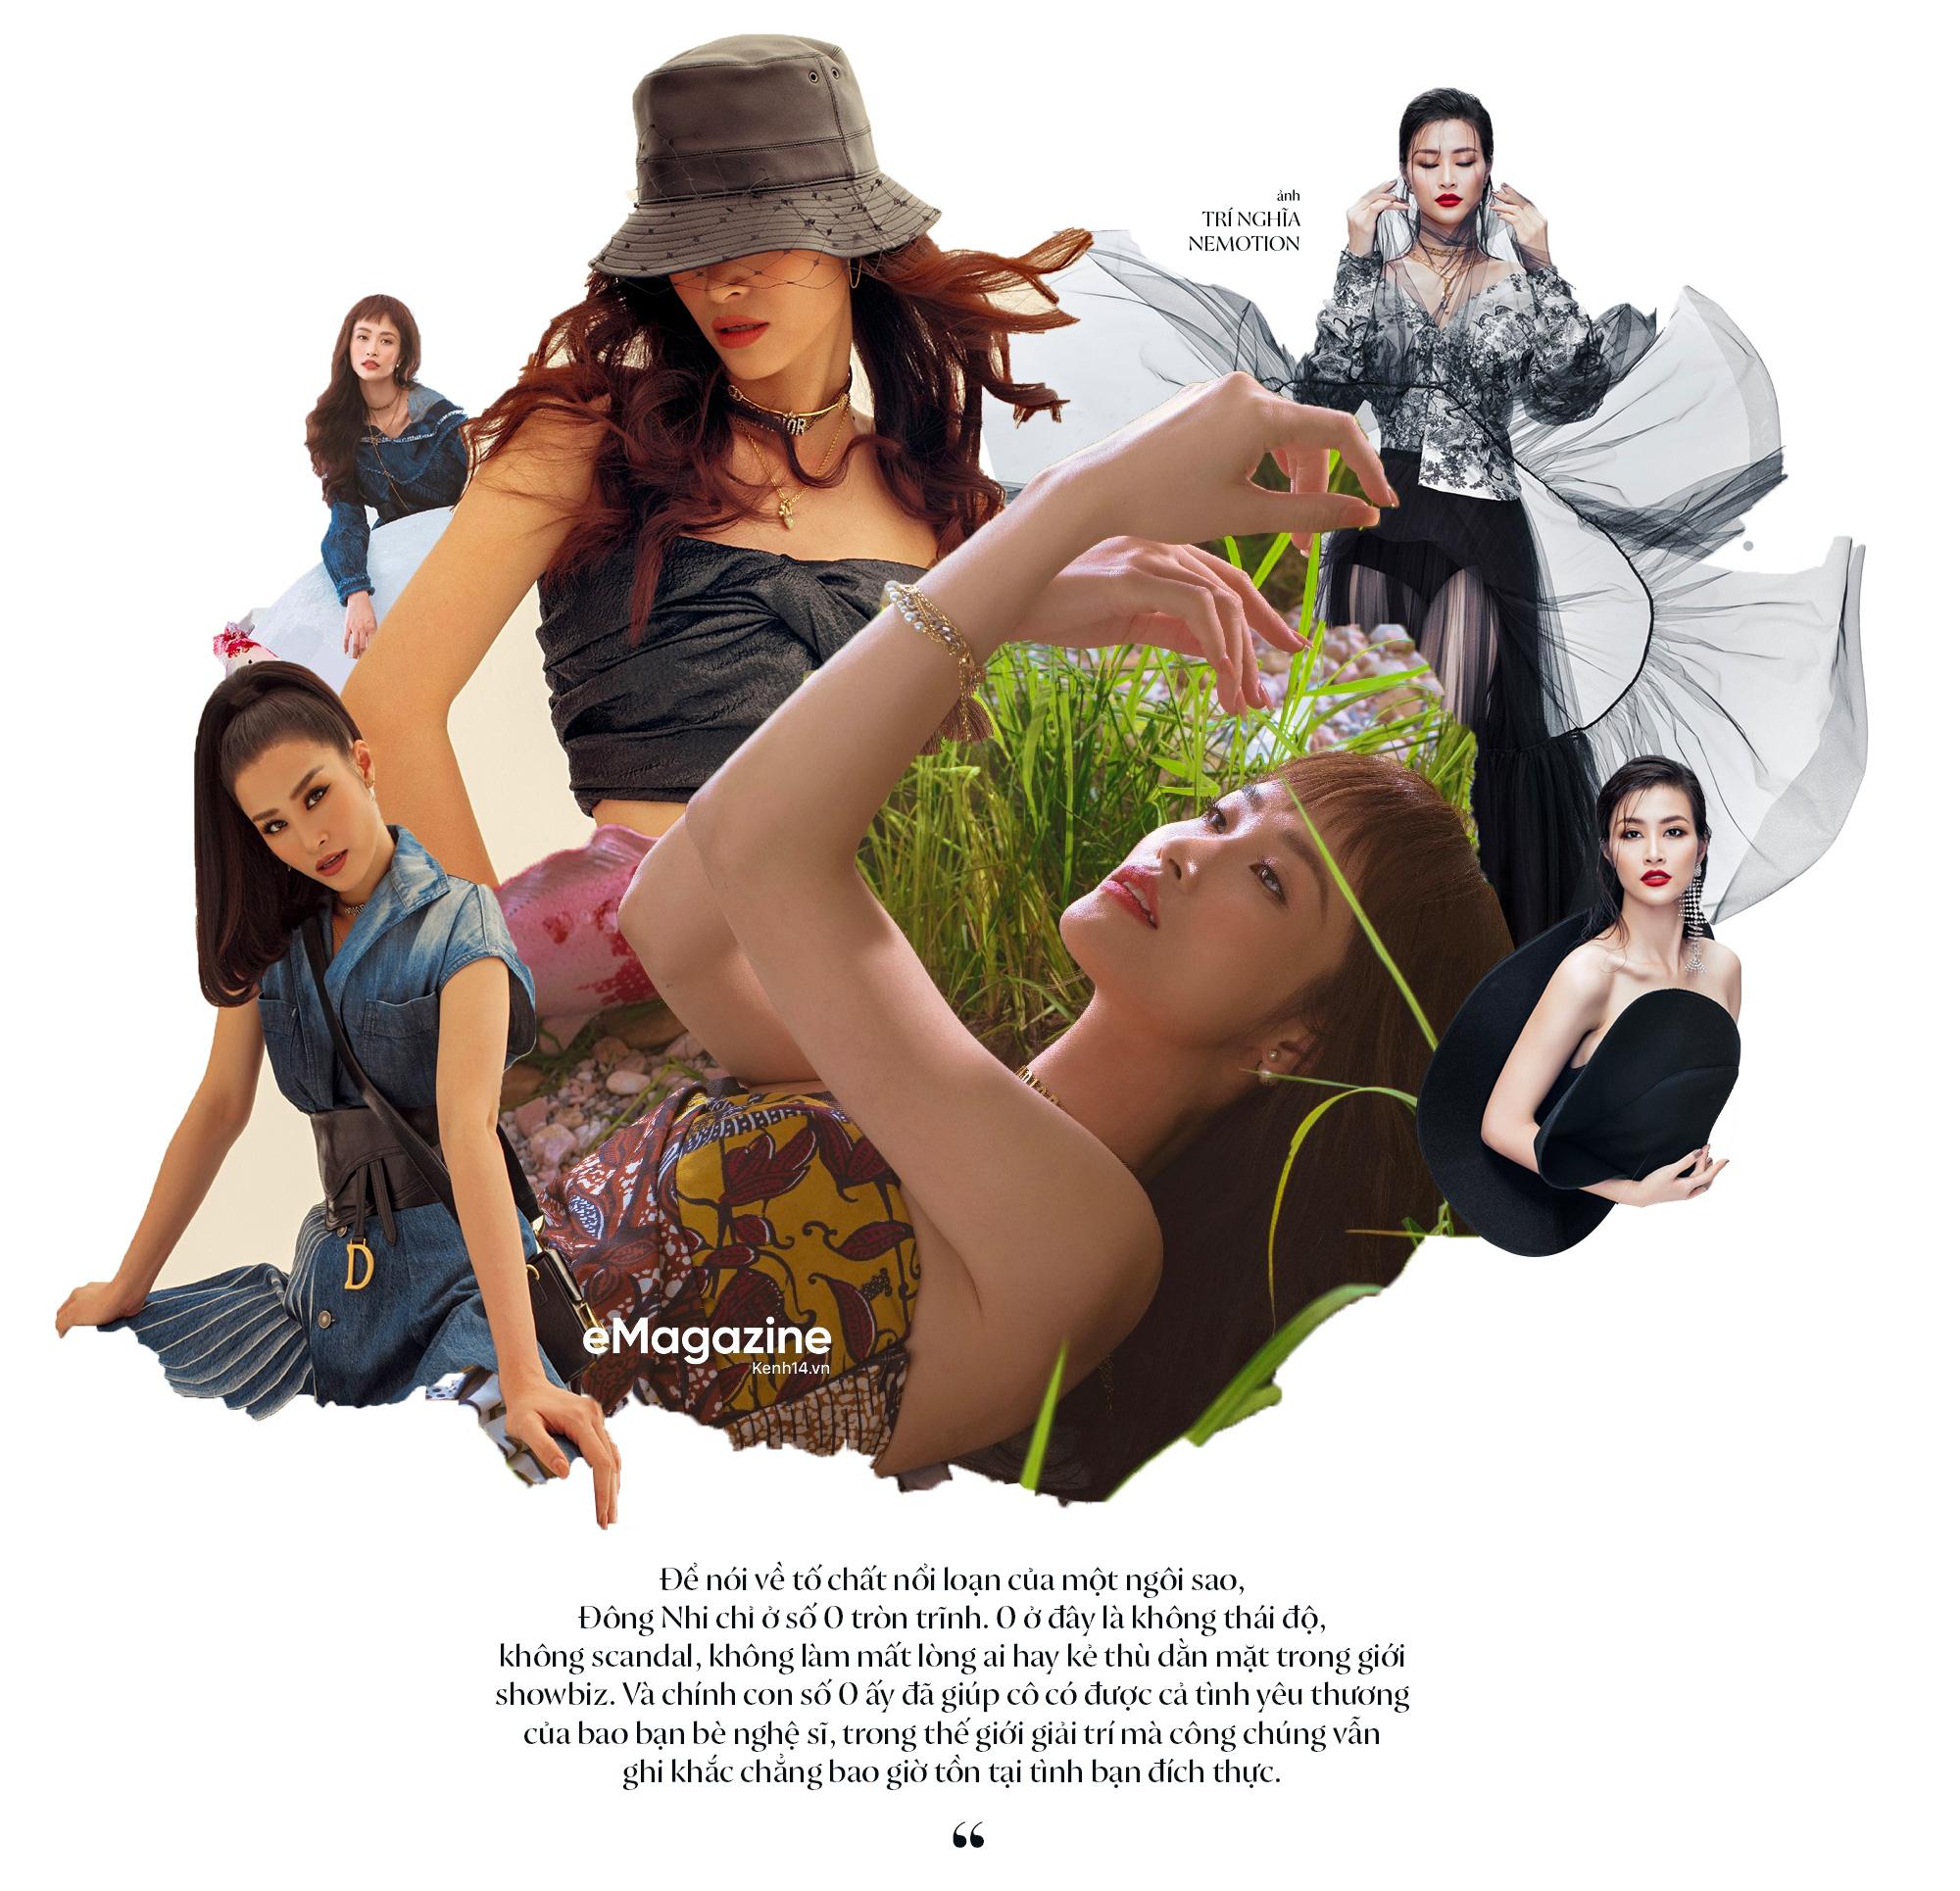 Câu chuyện cổ tích về Đông Nhi: Một cô gái bình thường chạm vào sự nghiệp huy hoàng và hạnh phúc vẹn toàn - Ảnh 3.